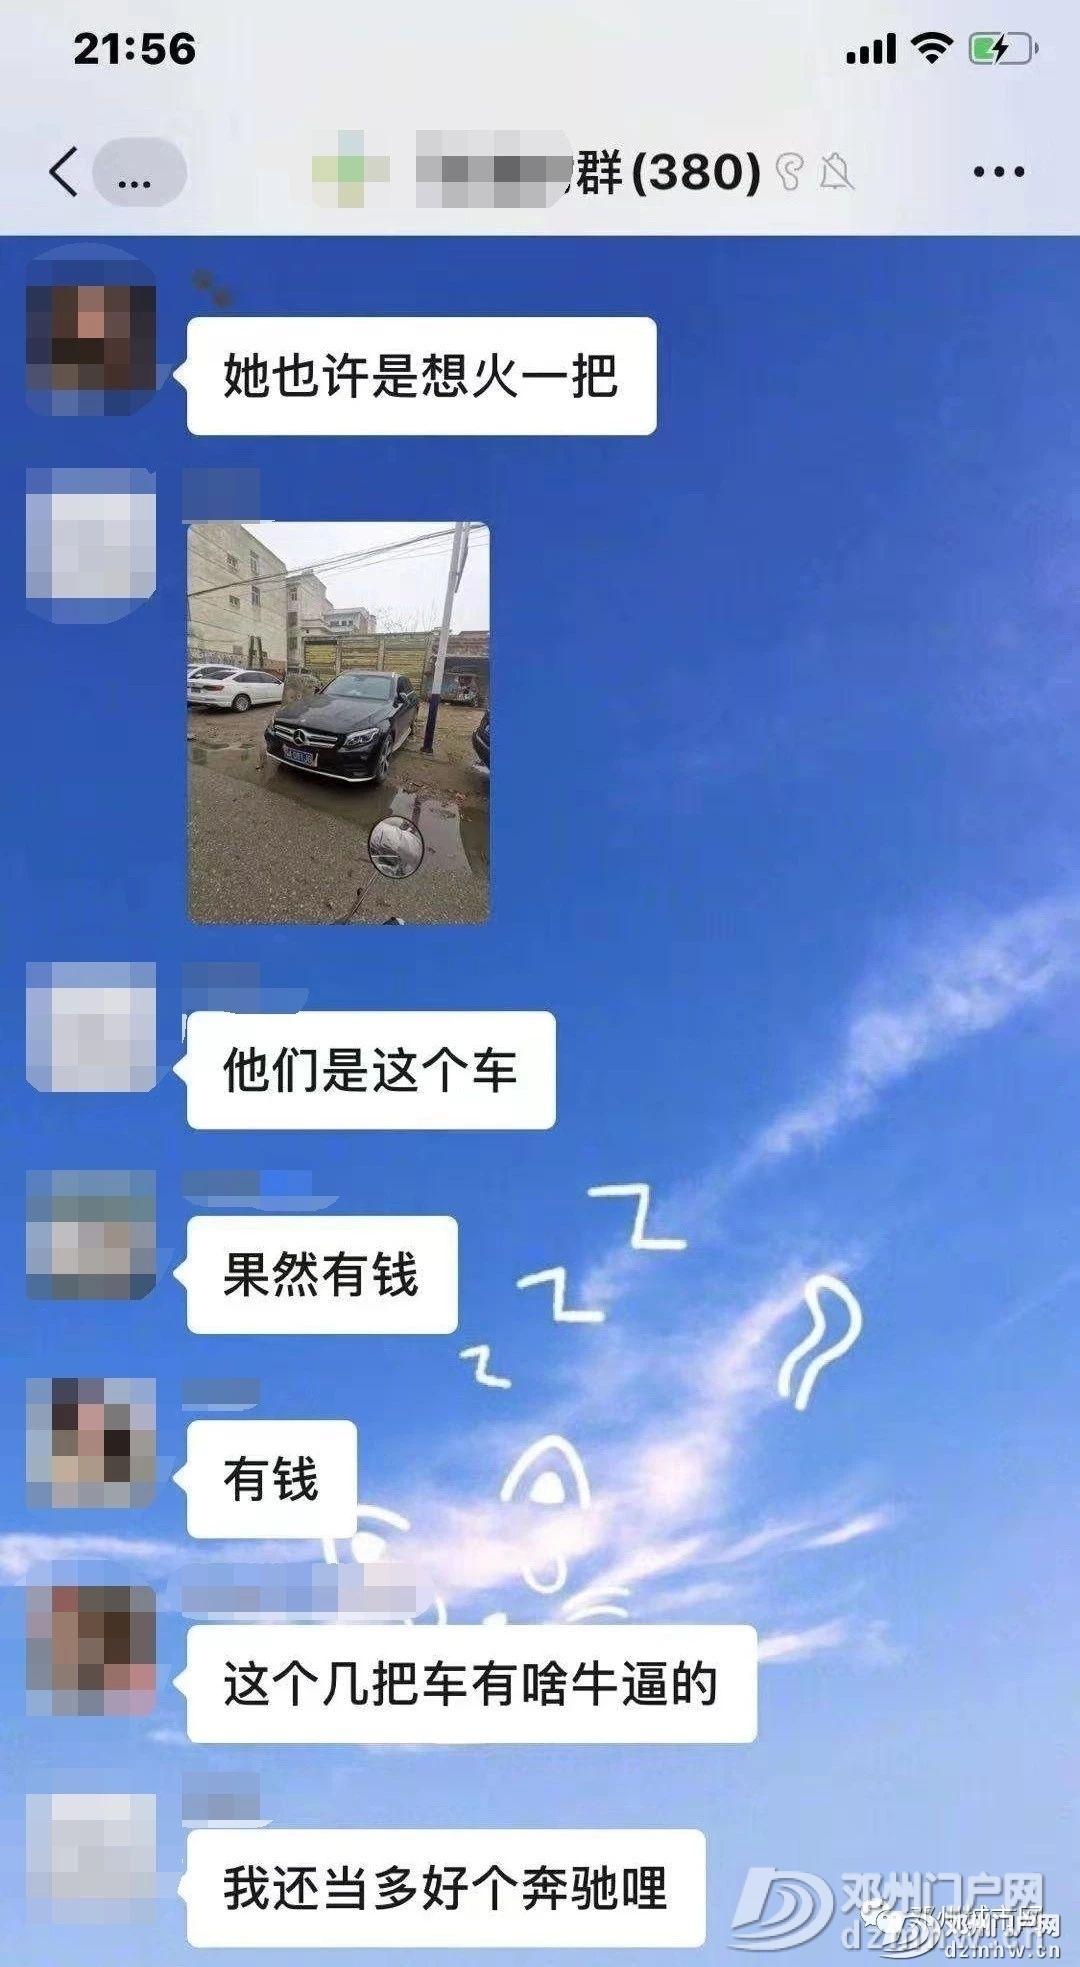 几名武汉回邓州女子在街头走动,不听劝阻还耍横,警方目前已介入处置! - 邓州门户网|邓州网 - 7e3e90ae63c2e3e138afcb74d053c794.jpg